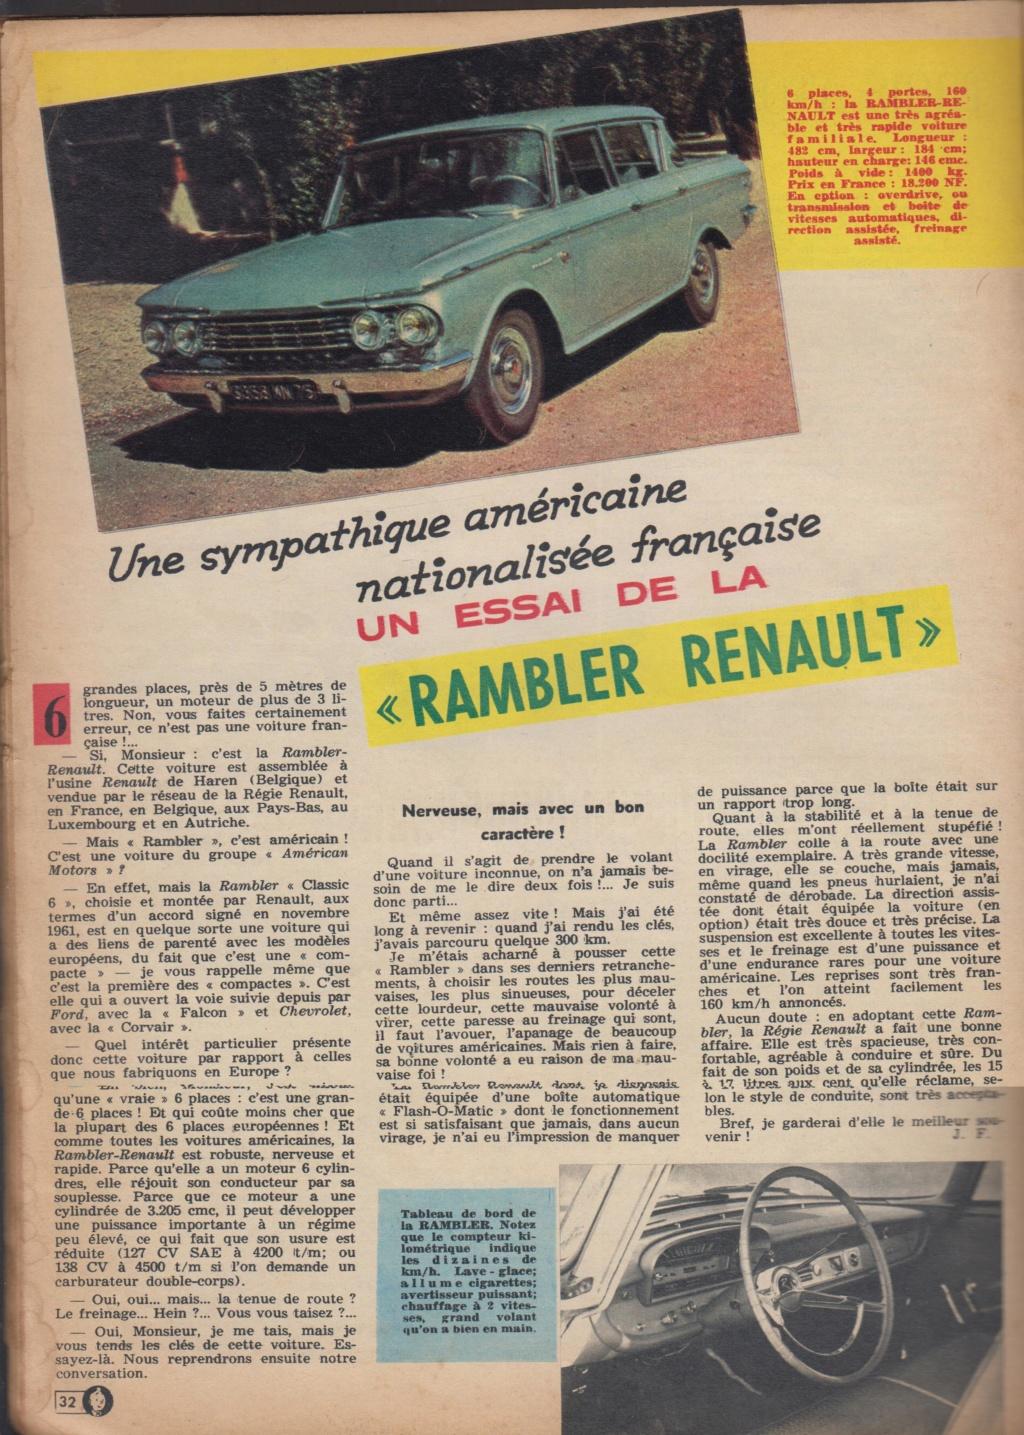 Le Journal de Tintin - de 1959 à 1964 les articles sur l'automobile et la moto Articl13